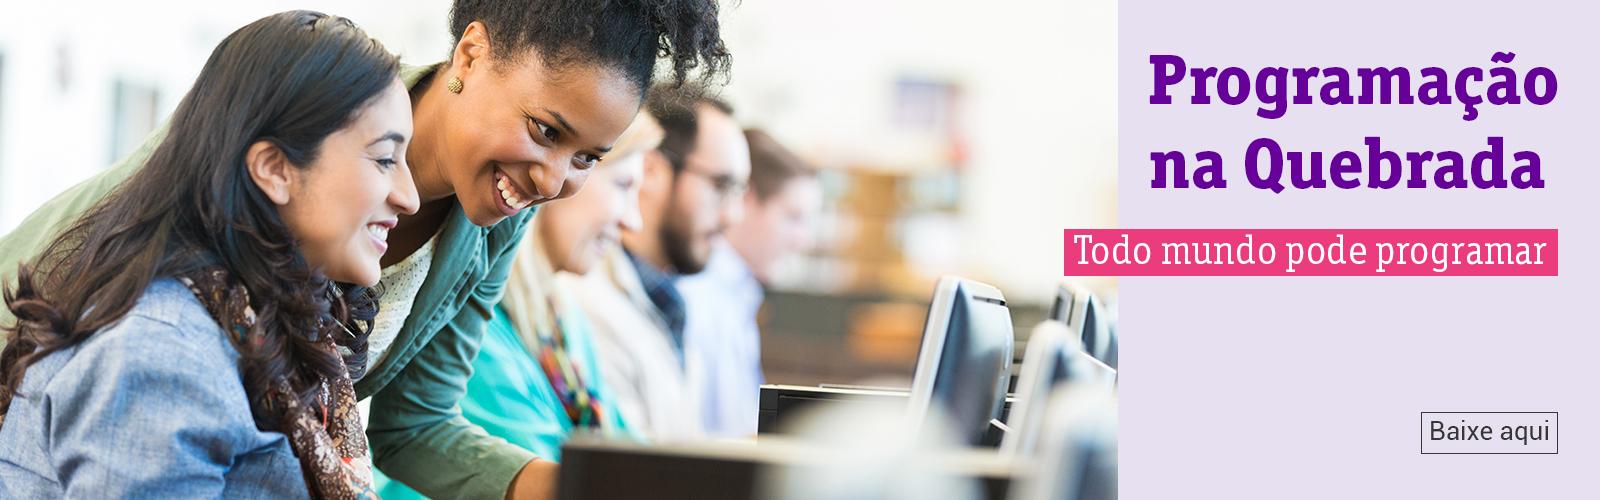 A imagem mostra duas mulheres em destaque olhando para a tela de um computador.